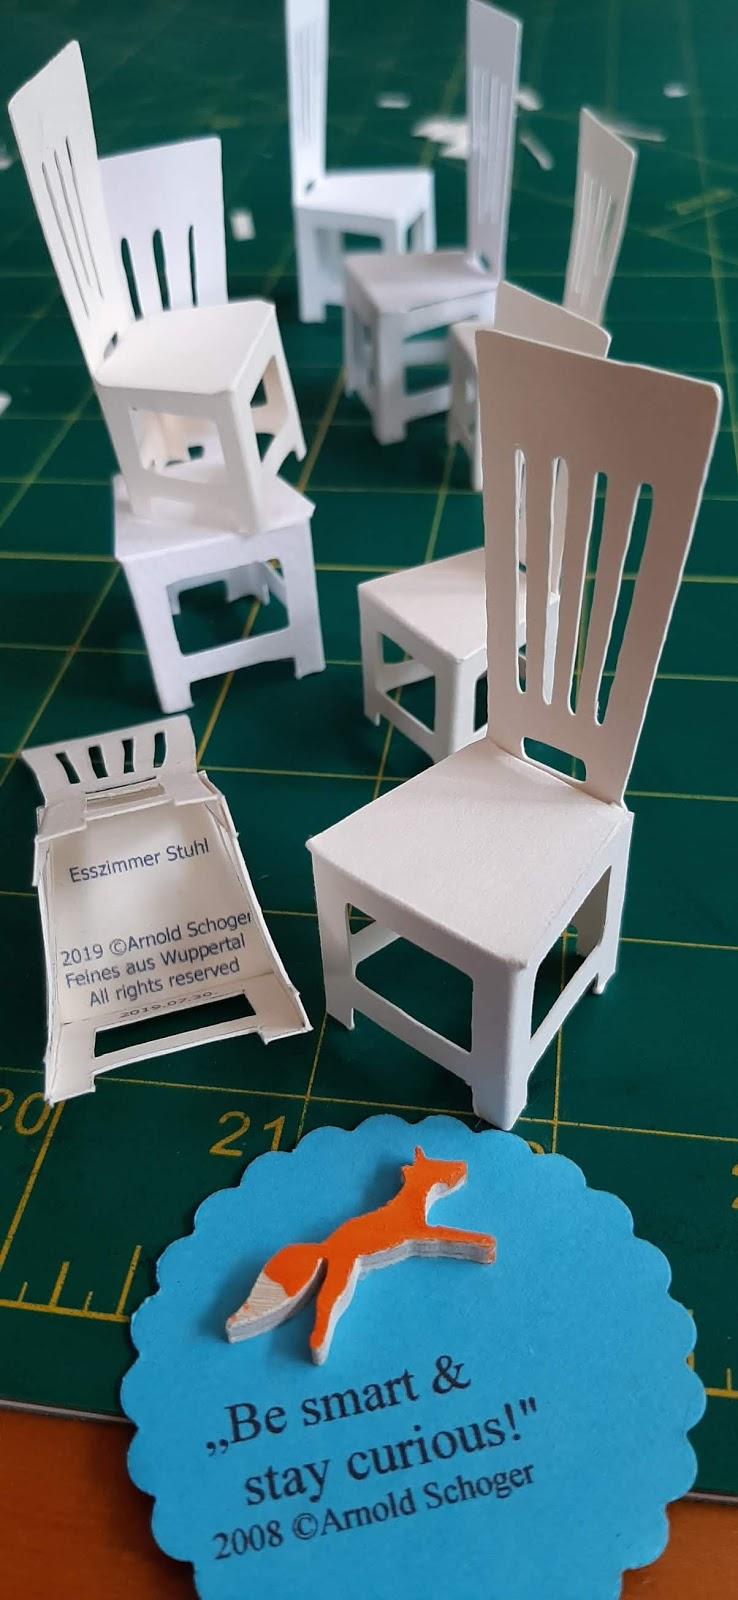 Feines Aus Wuppertal Neue 3d Stühle Aus Papier Zum Karten